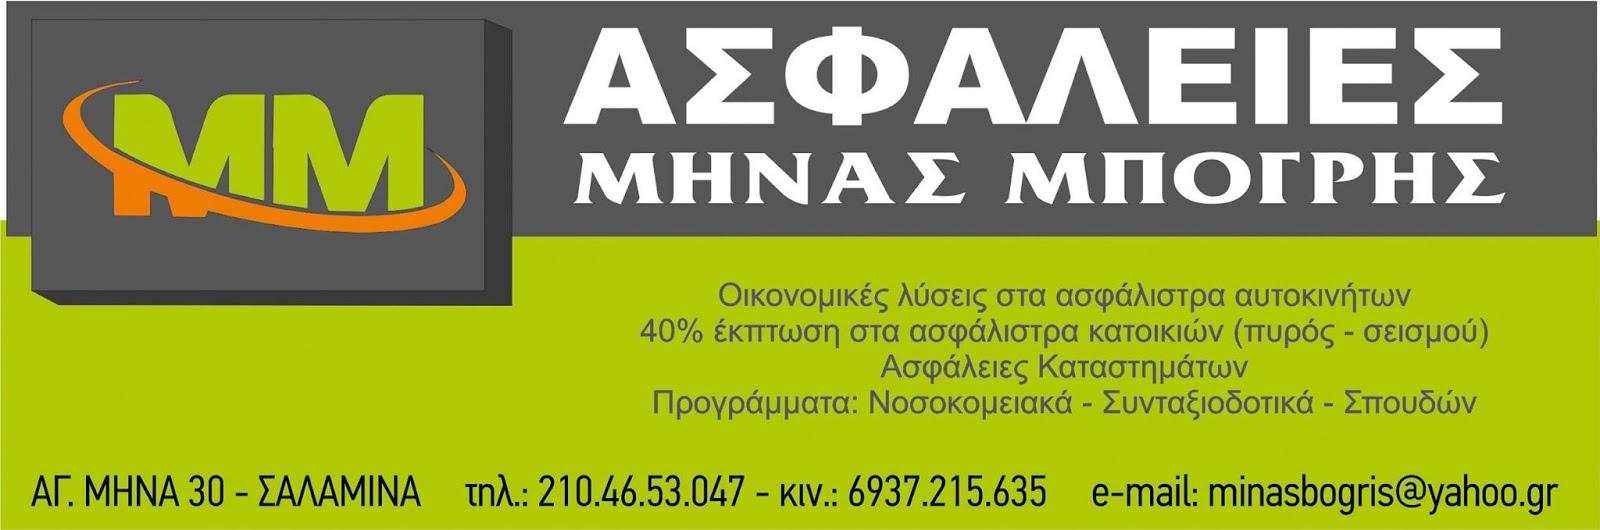 ΑΣΦΑΛΕΙΕΣ ΜΗΝΑΣ ΜΠΟΓΡΗΣ